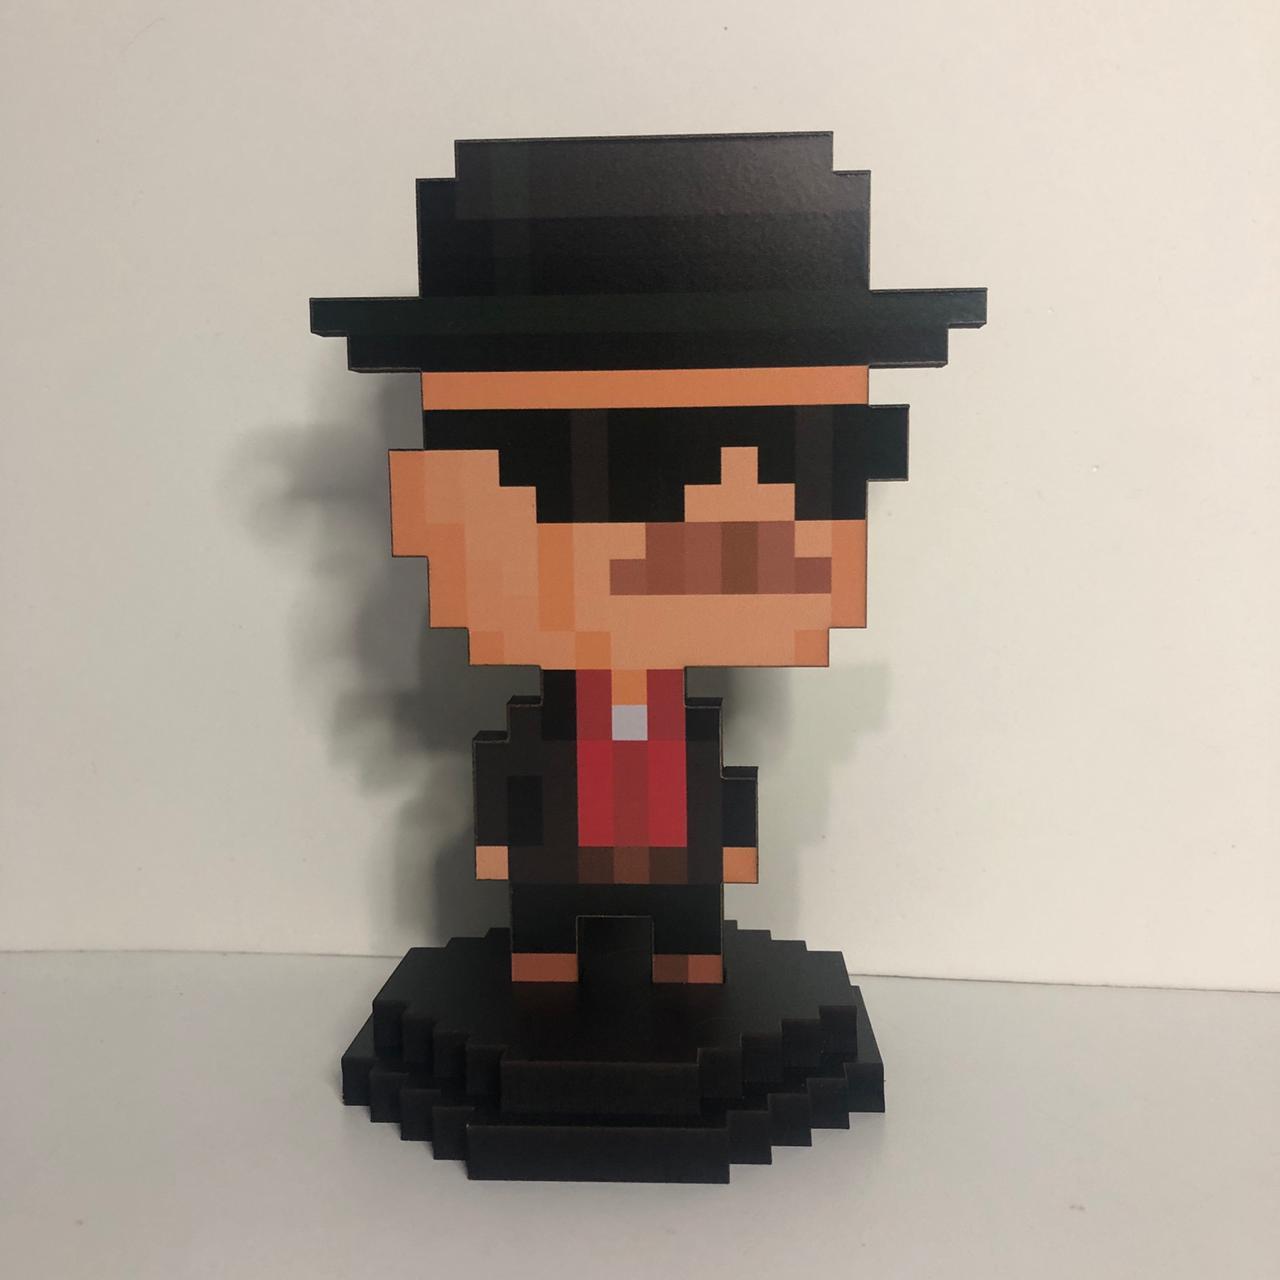 Action Figure Pixel Breaking Bad - Heisenberg